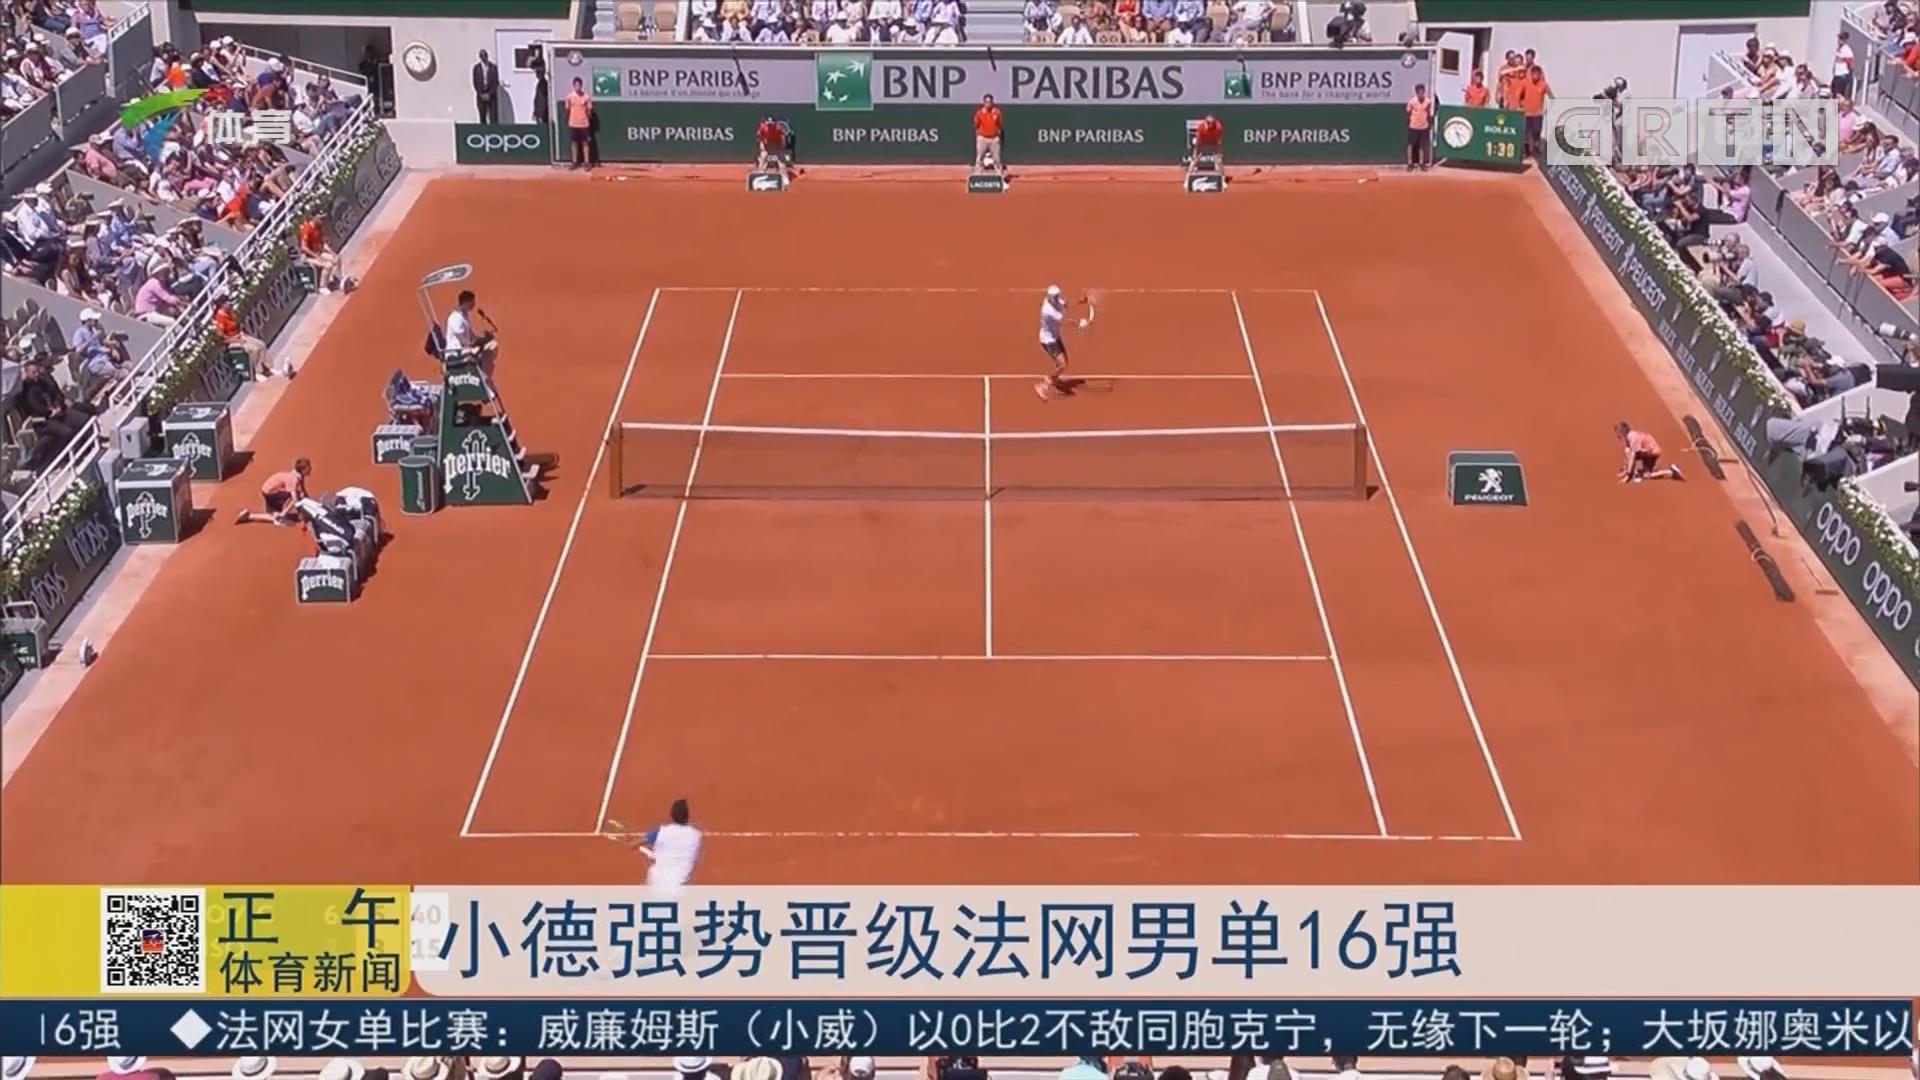 小德强势晋级法网男单16强